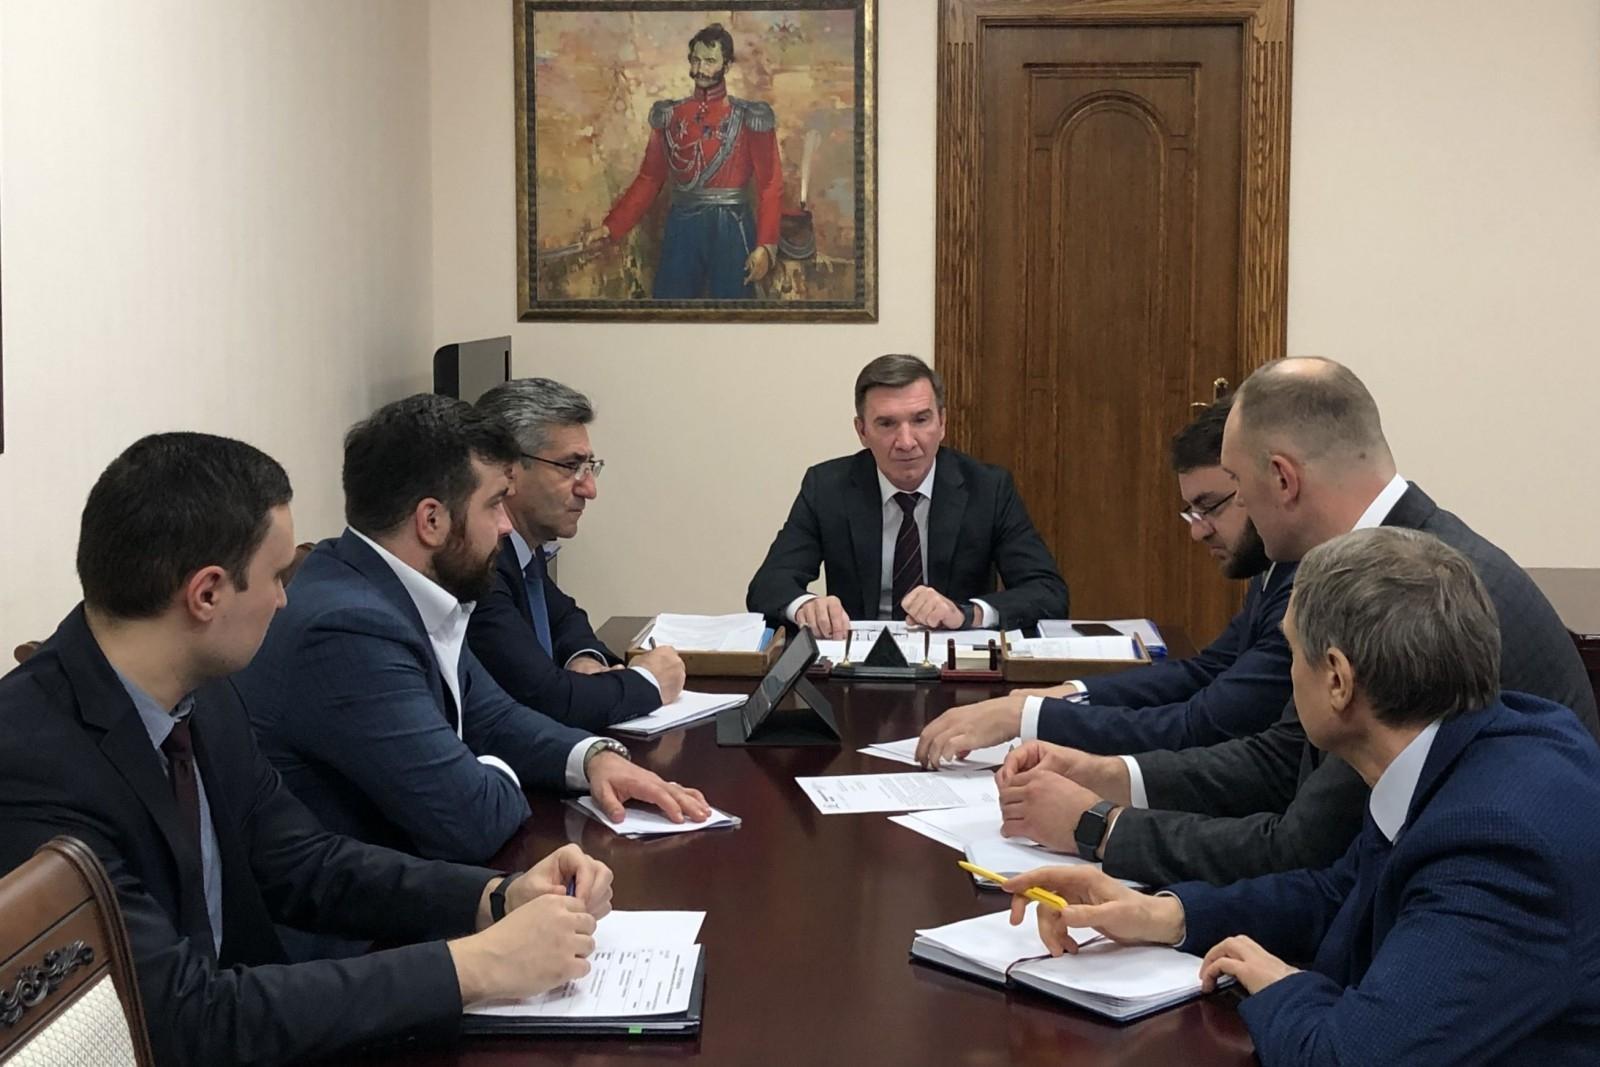 До 2022 года планируется открыть отделения по регби в Батайске, Новочеркасске и Аксае